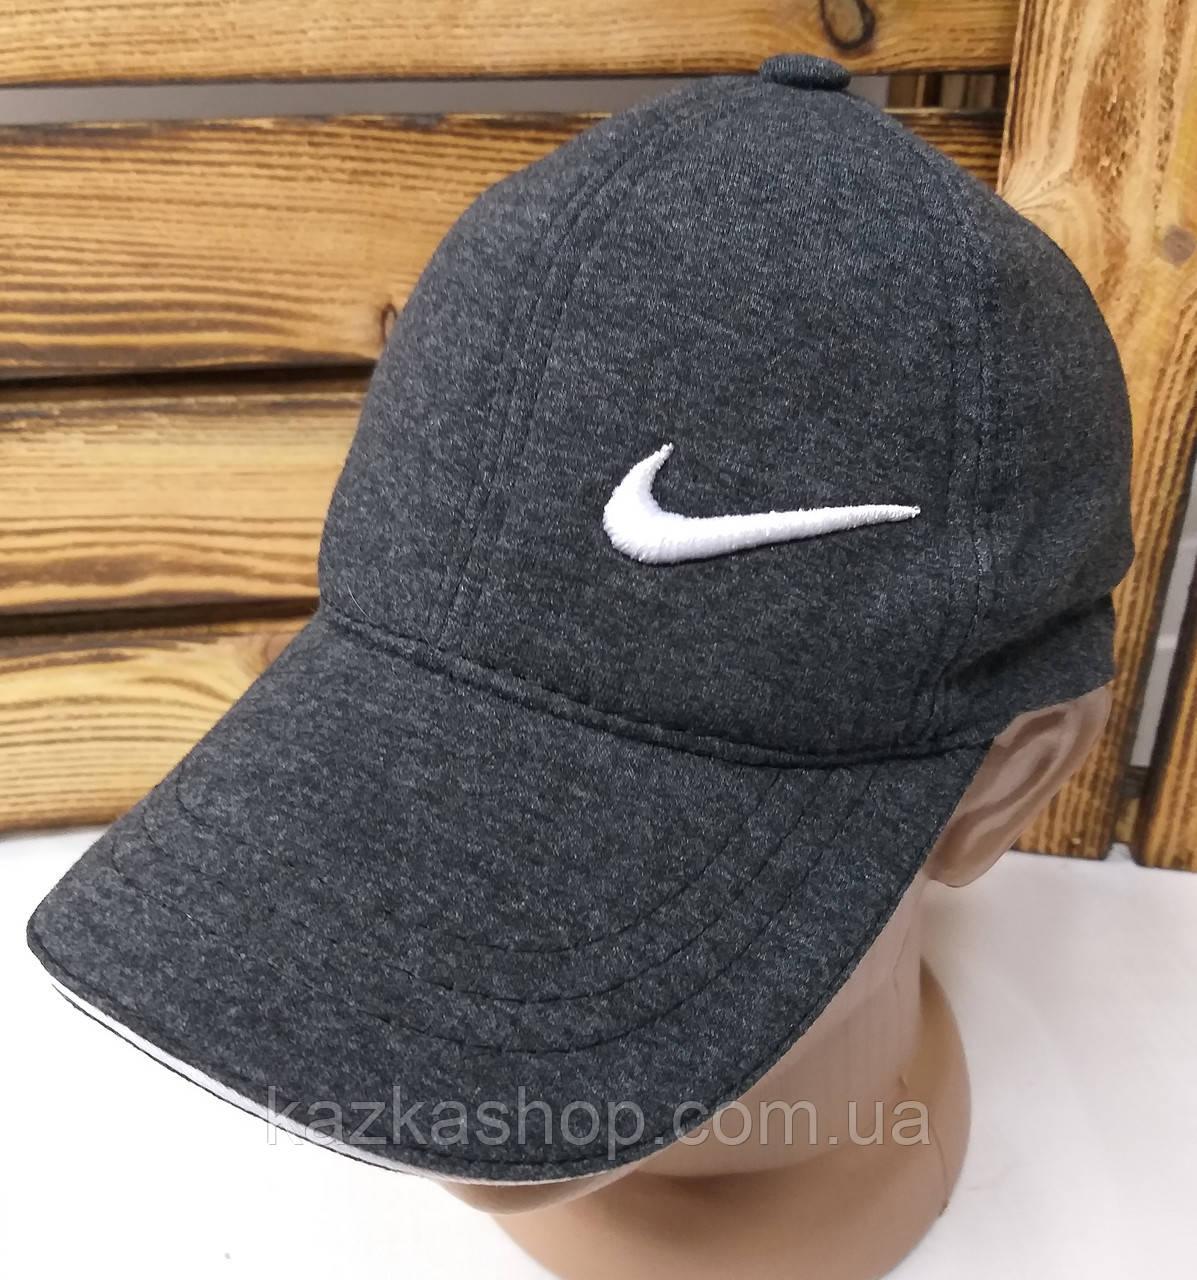 Мужская кепка серого цвета, с вышивкой в стиле Nike (реплика), малая вышивка, трикотаж, на резинке